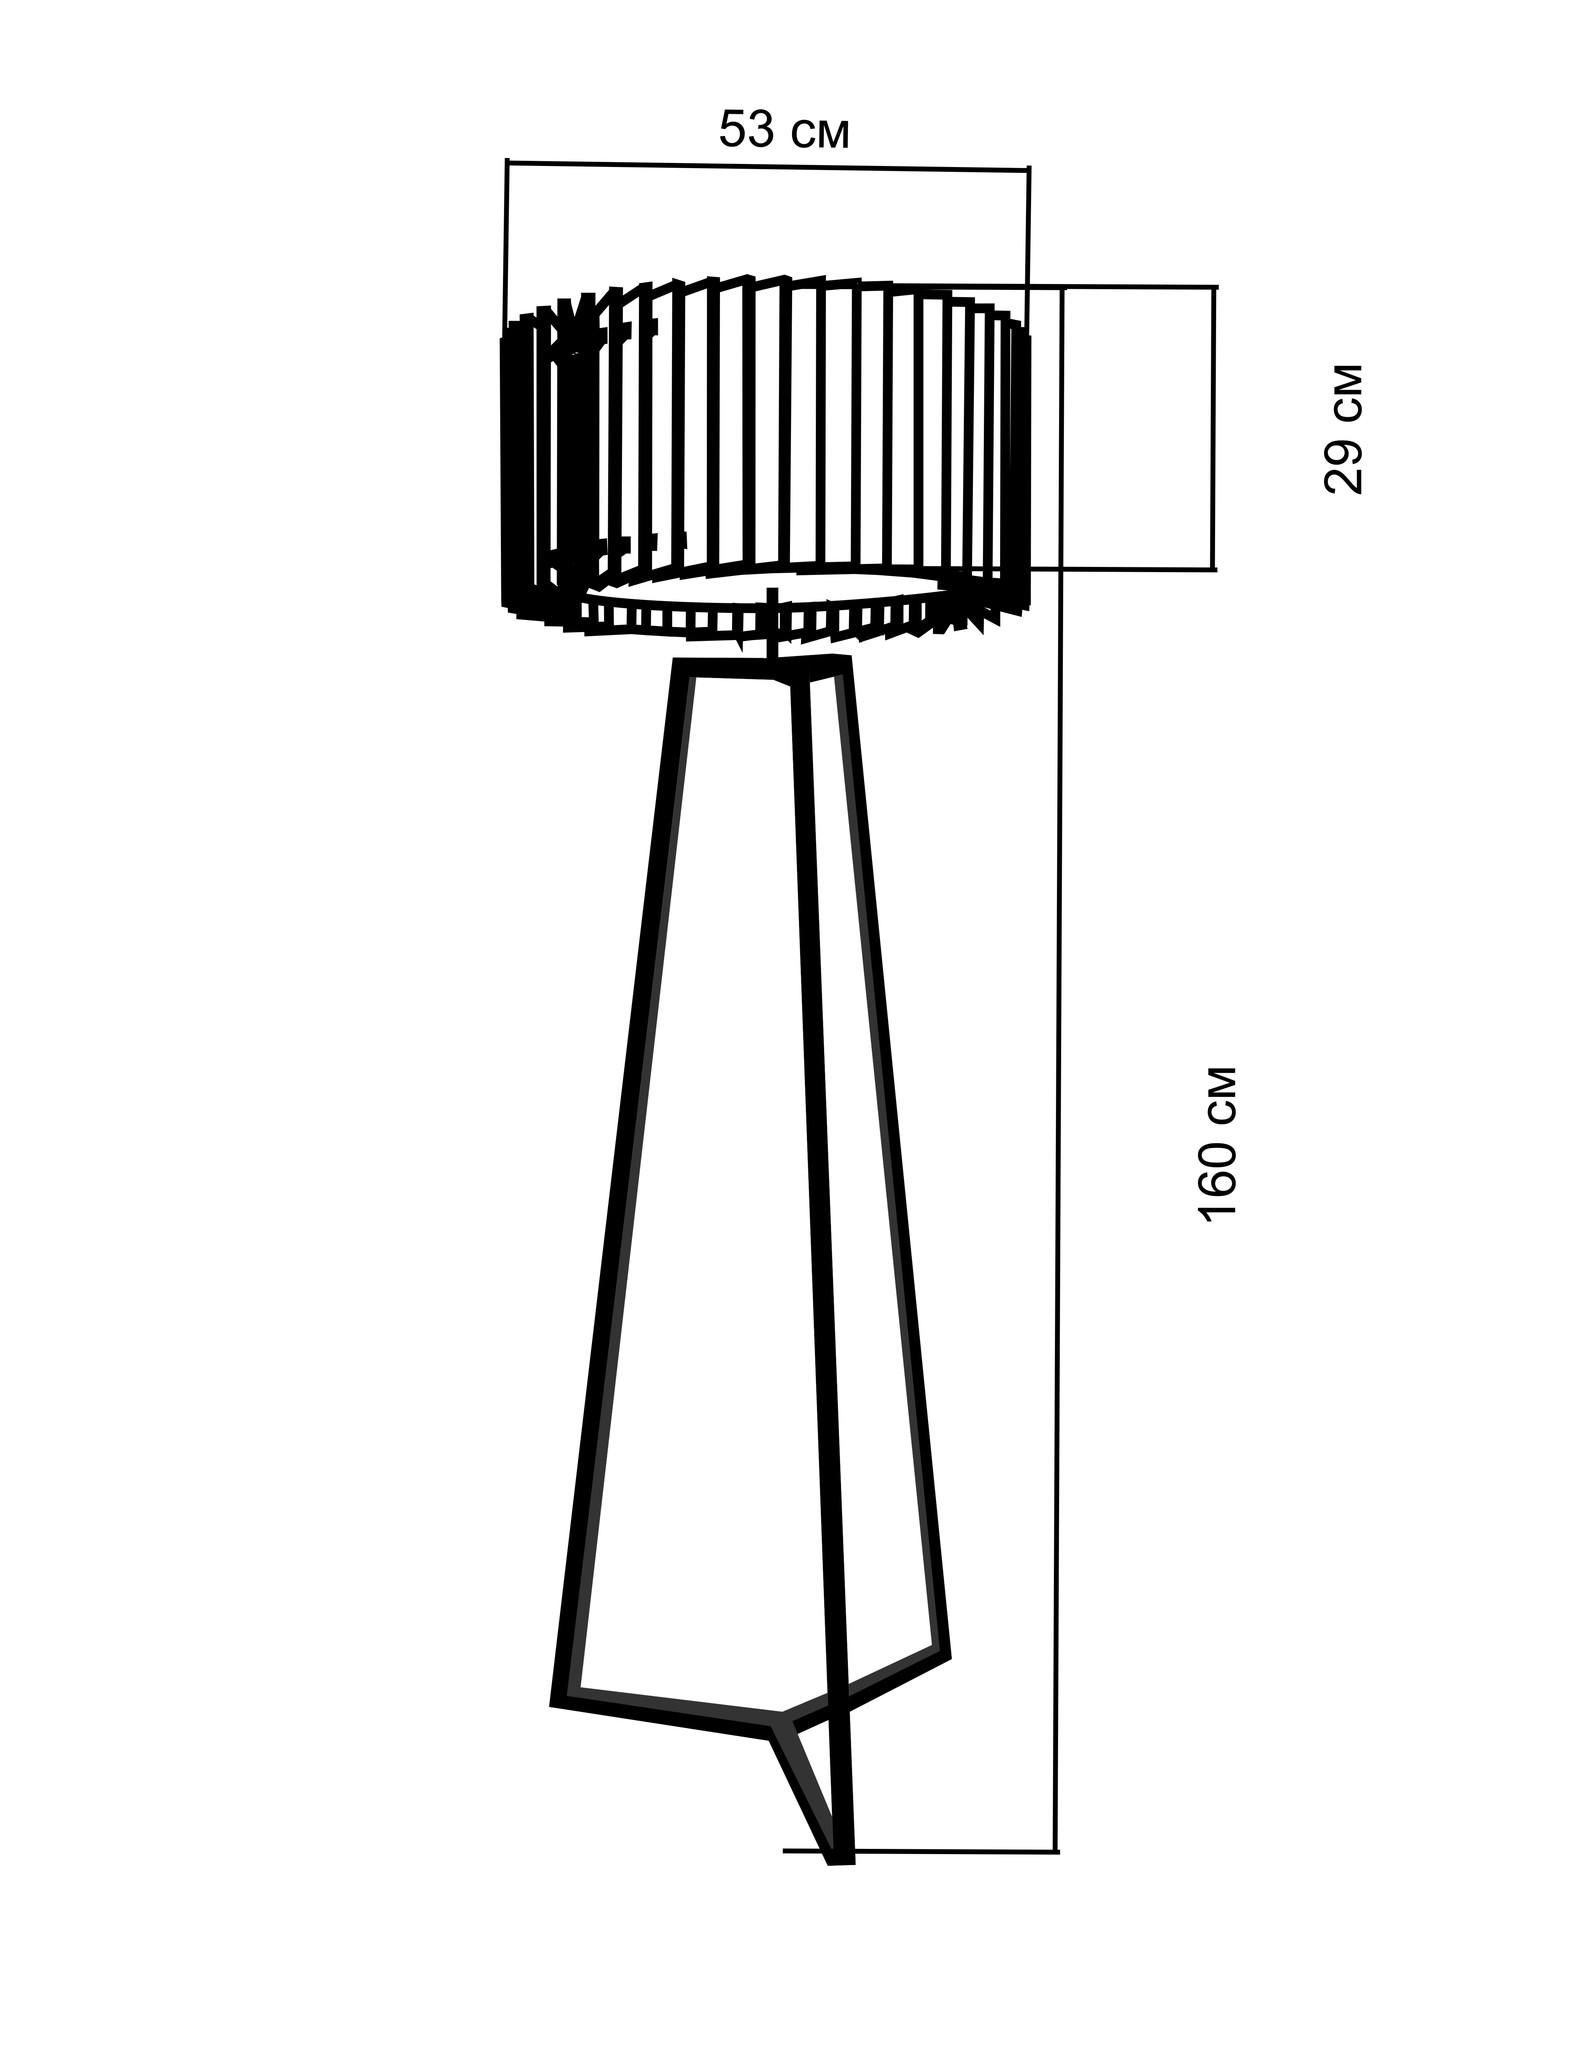 Торшер Woodled Ротор